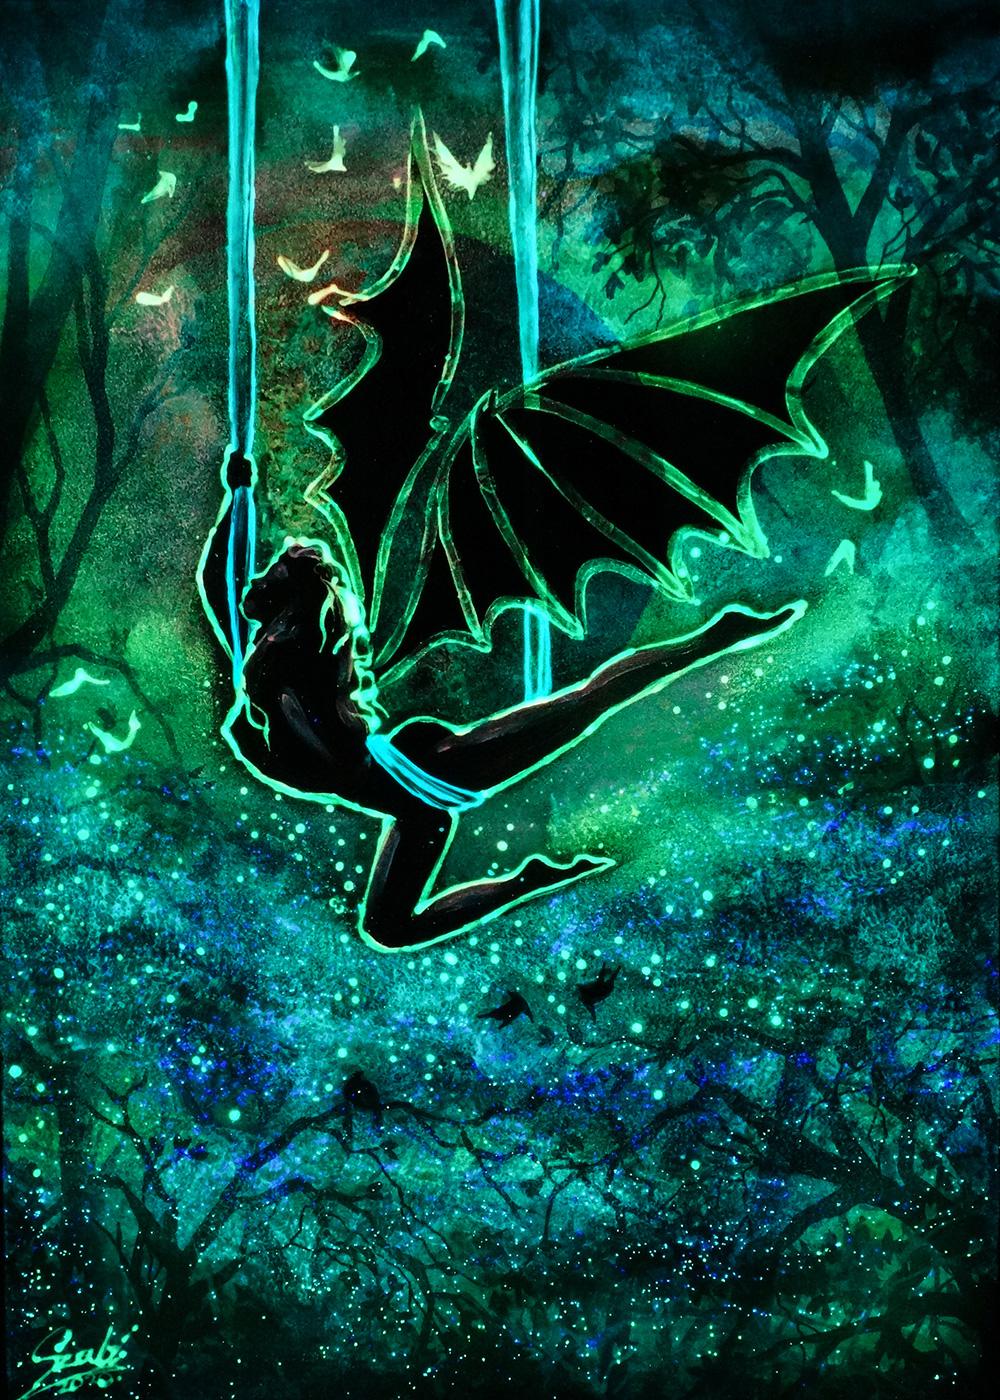 Moonlight shadow (Glowing) - Vivien Szaniszlo